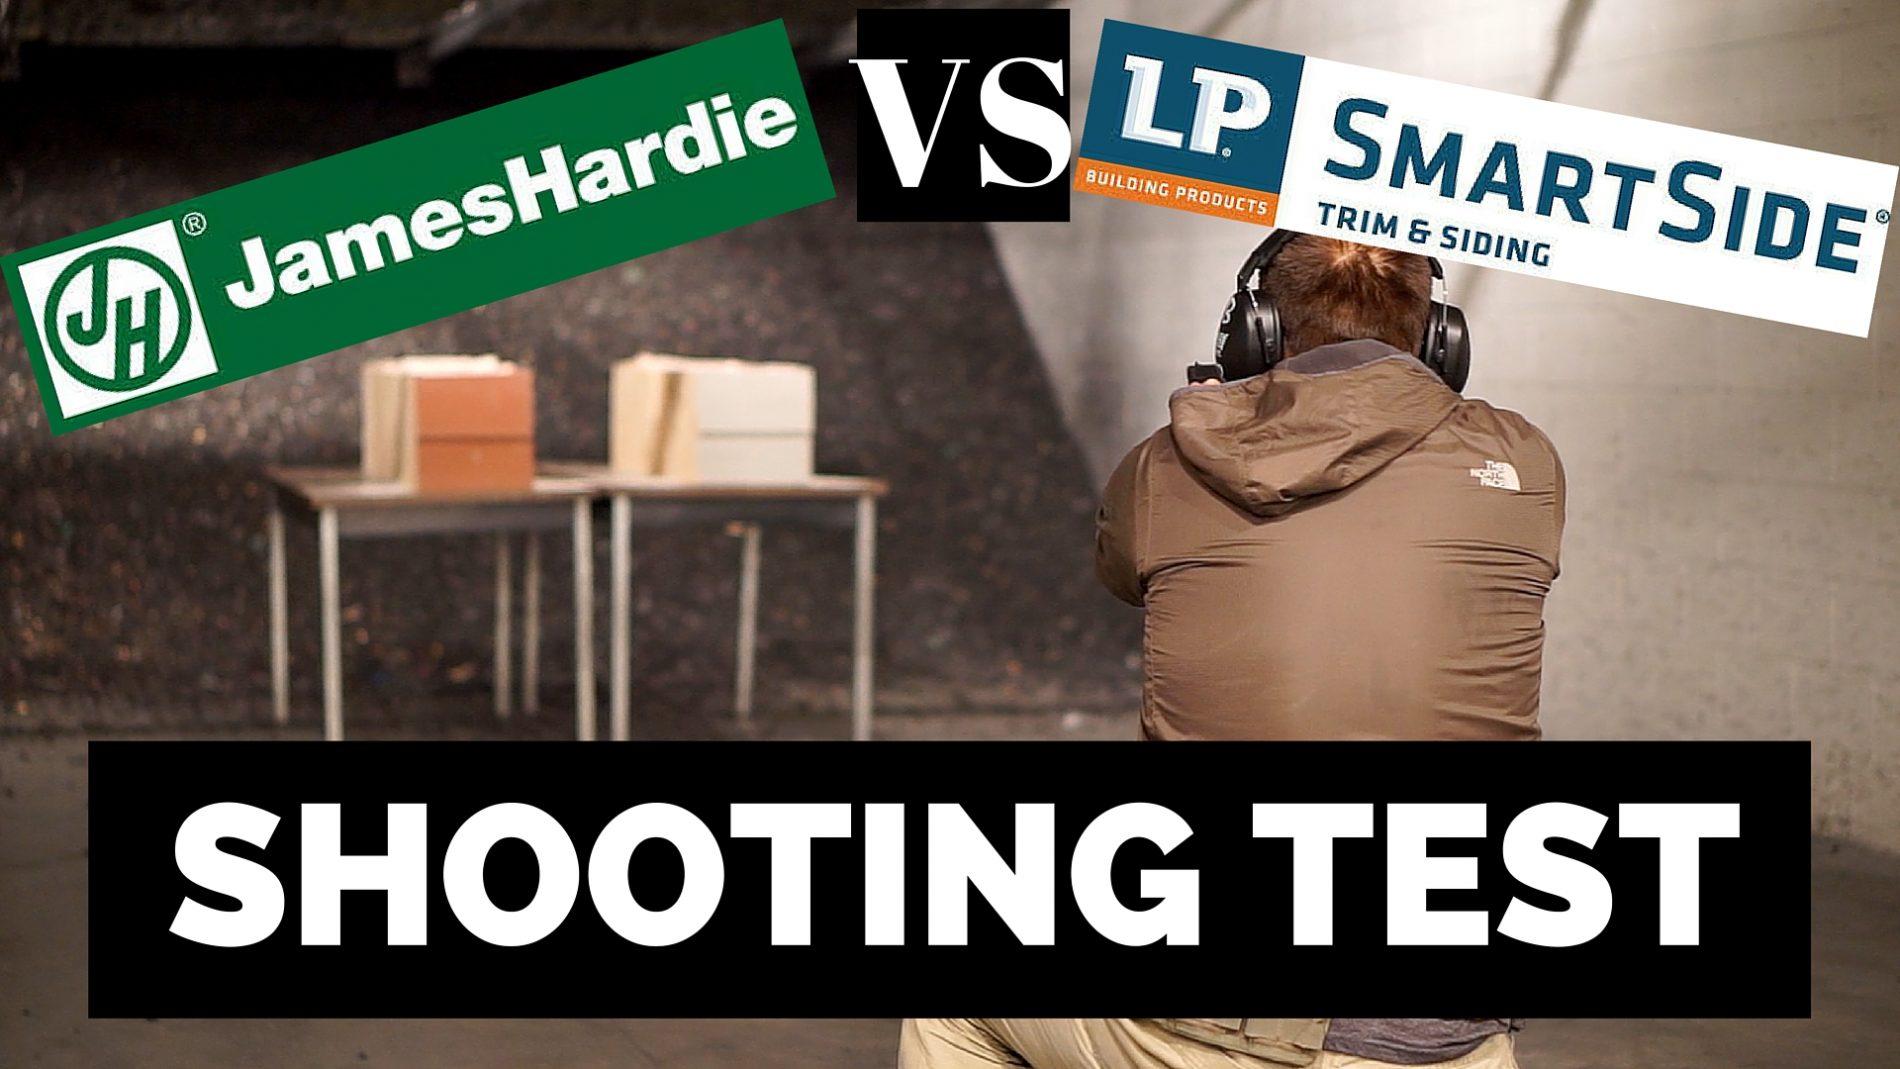 James hardie and lp smartside shooting wars for Lp smartside vs hardie